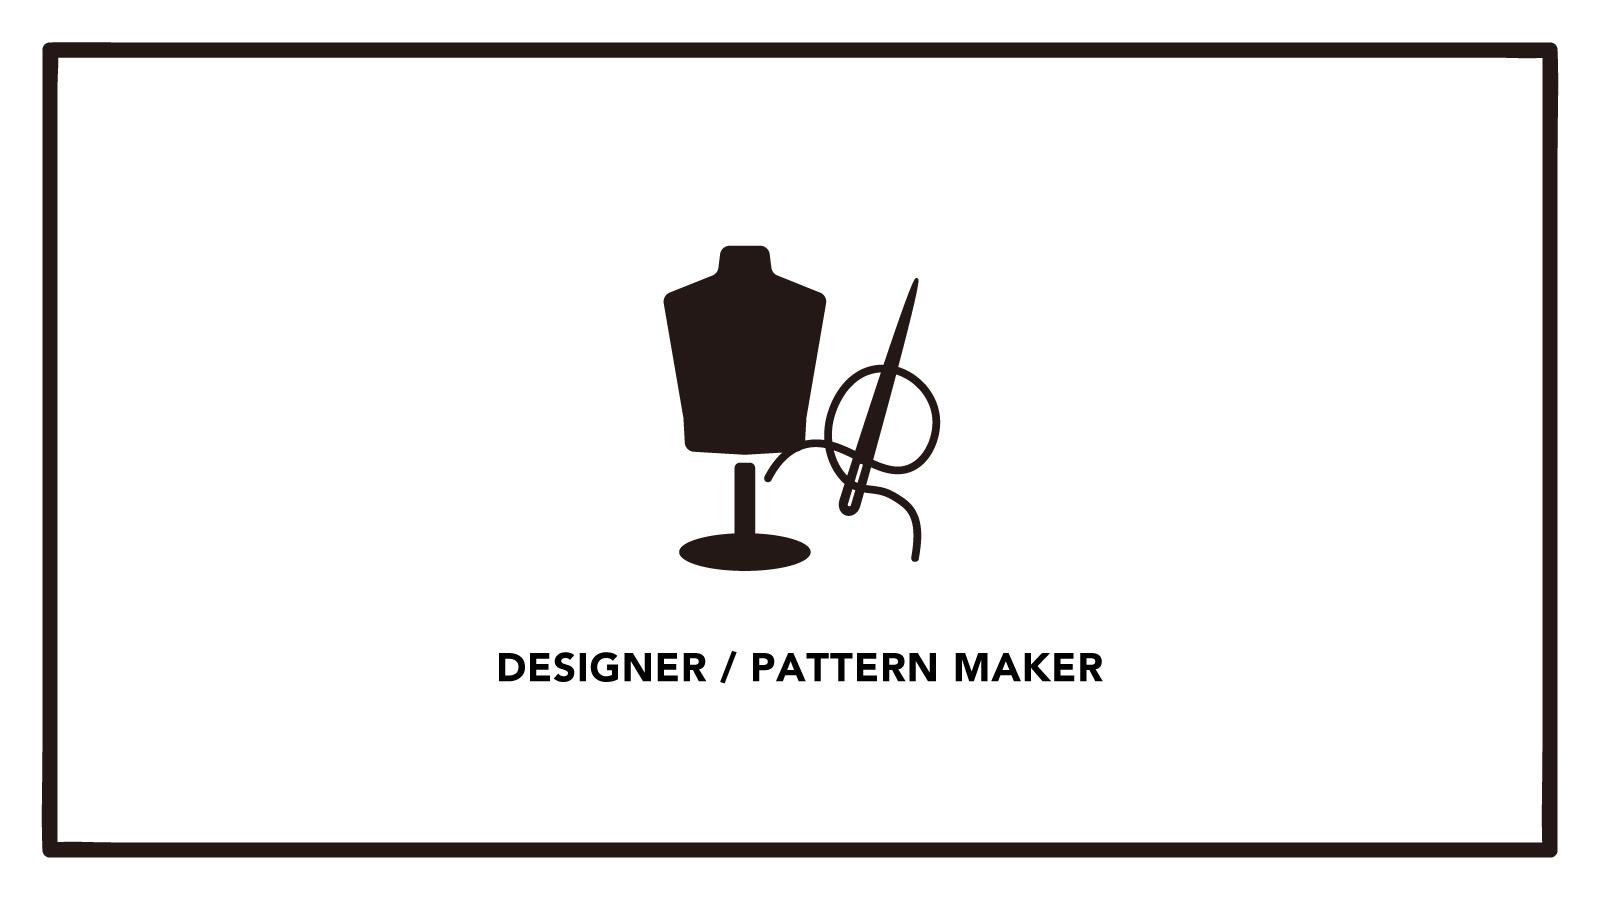 【ランジェリー企画デザイナー】経験者募集!大手グループ企業勤務のカバー写真